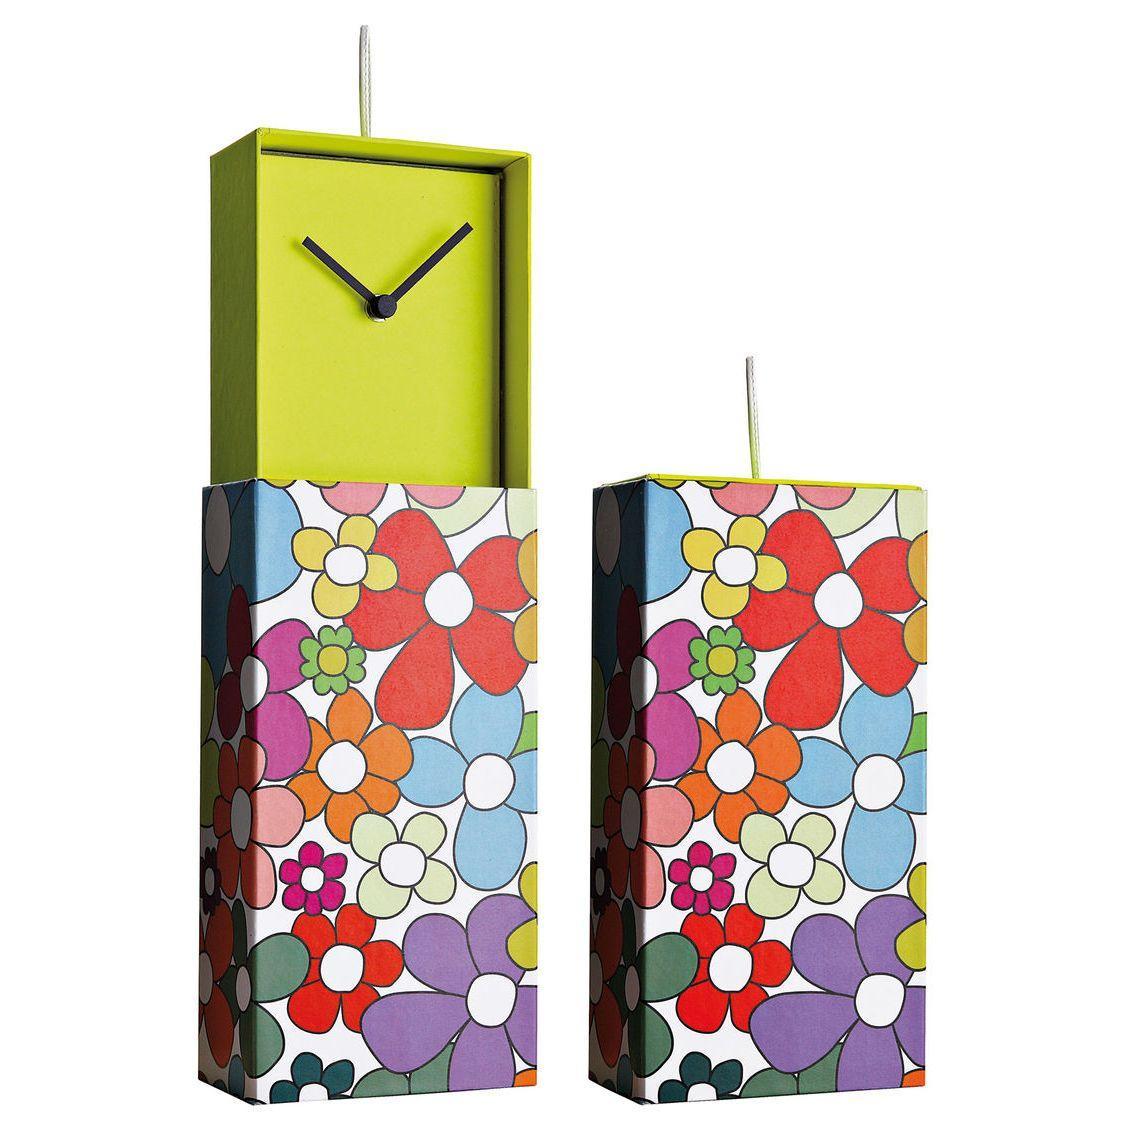 Orologio da parete o da appoggio racchiuso in scatola rettangolare con grafica floreale colorata